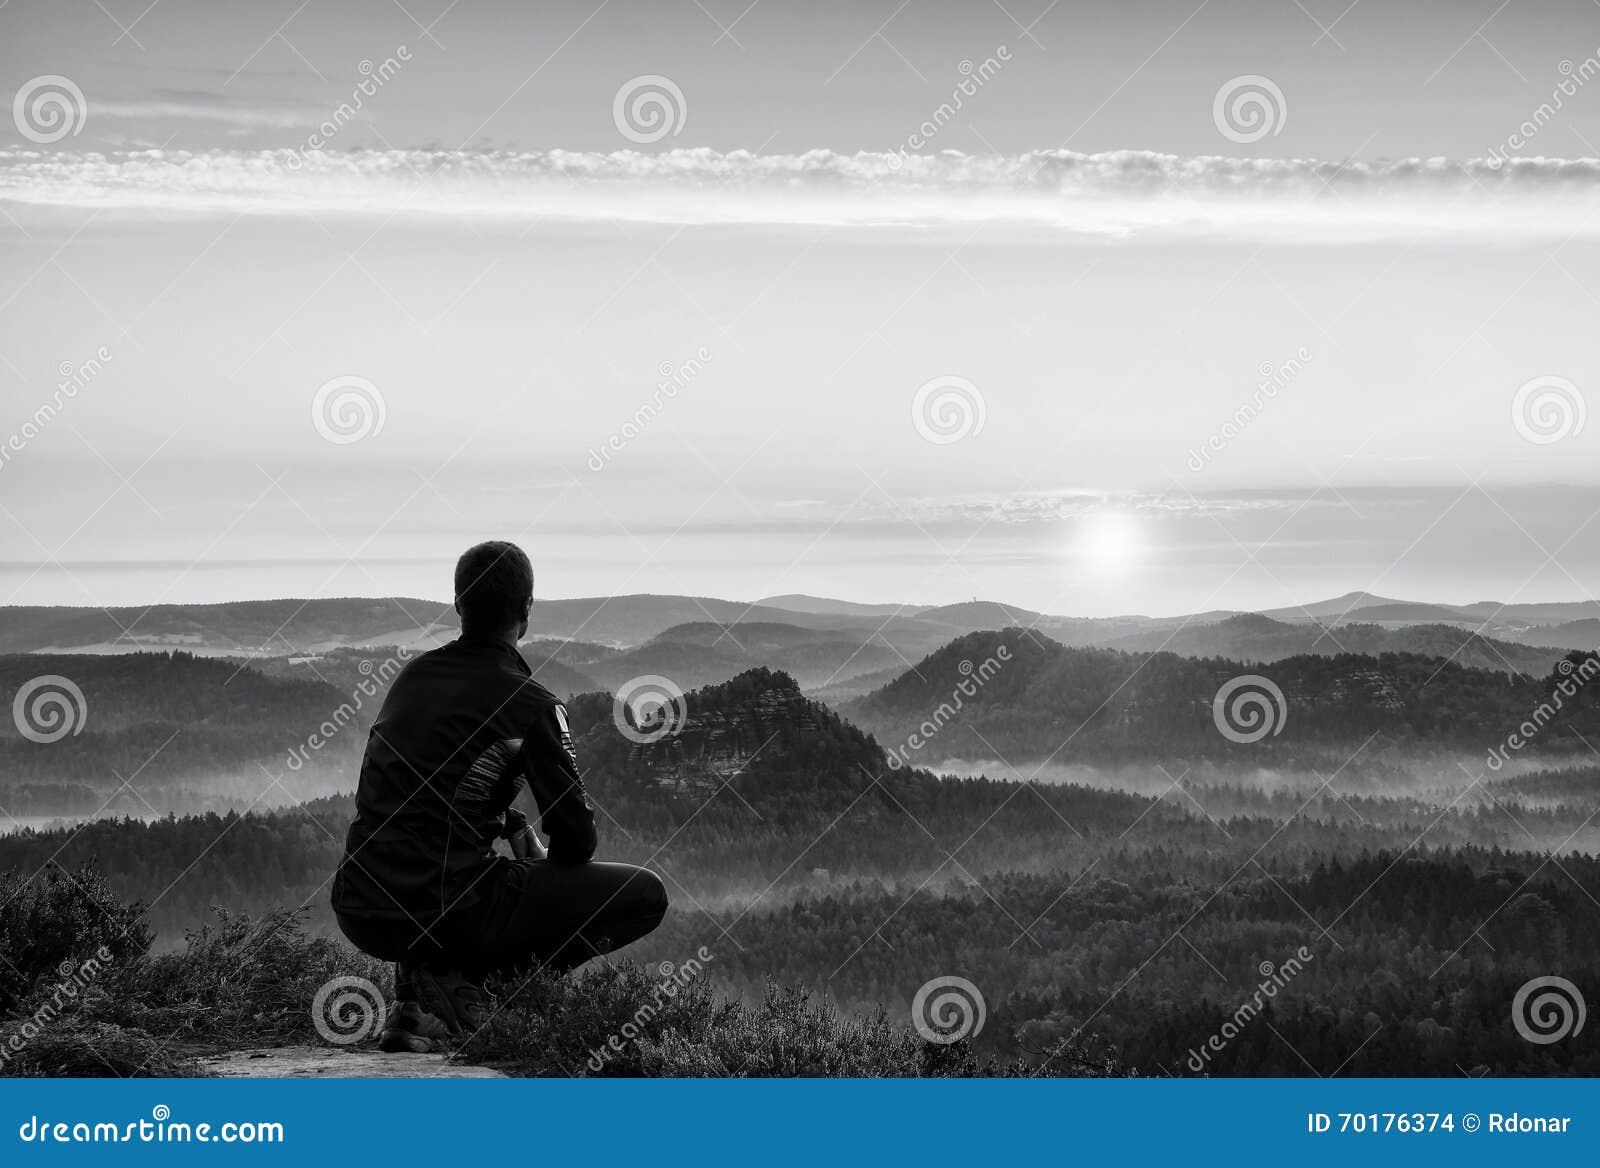 Soluppgångsportar Fotvandraren in i mörk sportwear i squattingposition på en vagga i ljungbuskar, tycker om landskapet